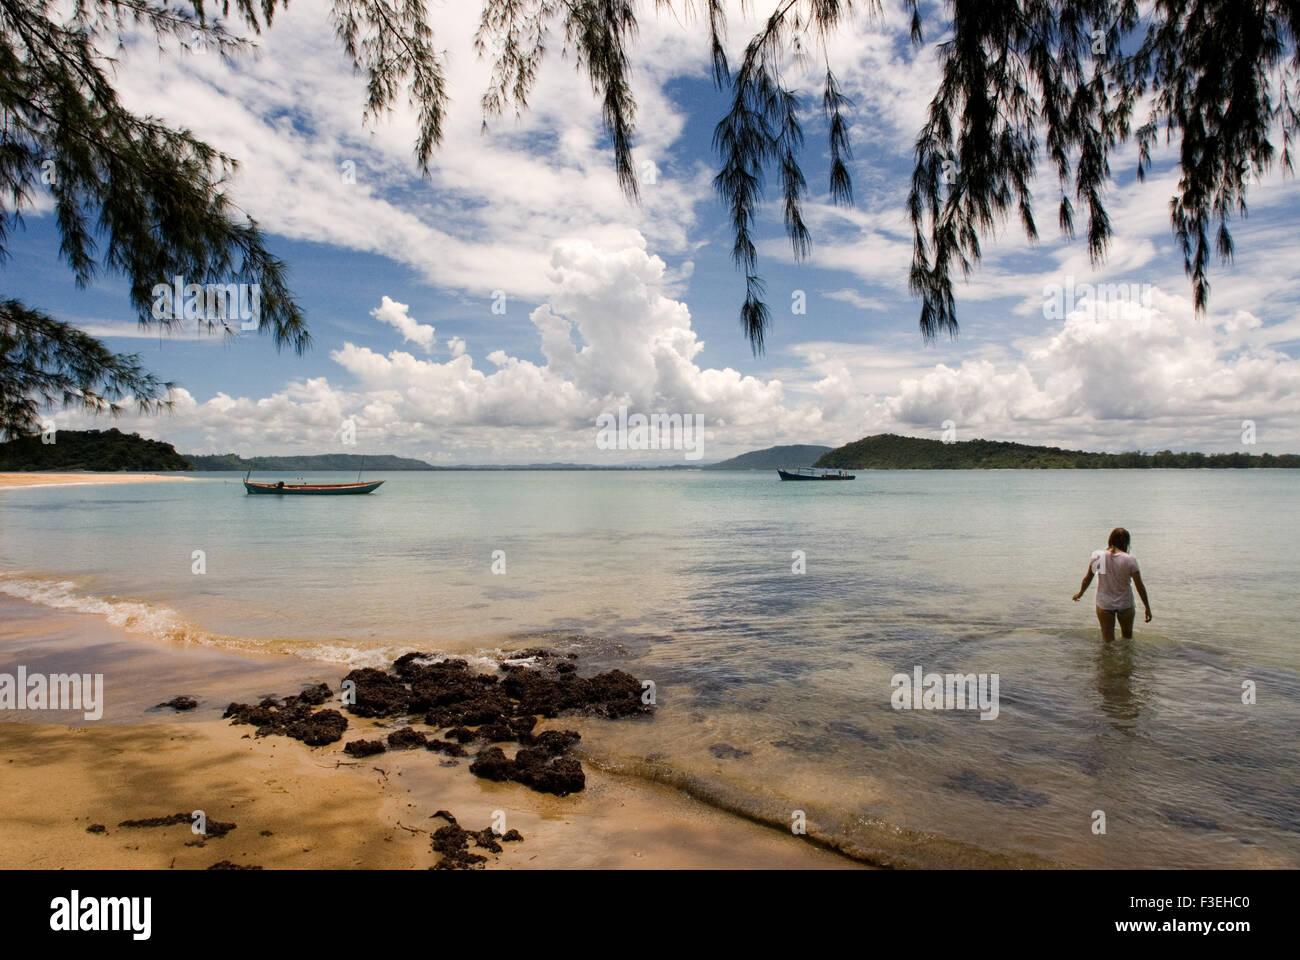 La baignade à la plage sur l'île de Koh Russei. Koh Russei vit toujours sous l'ombre d'elle Photo Stock